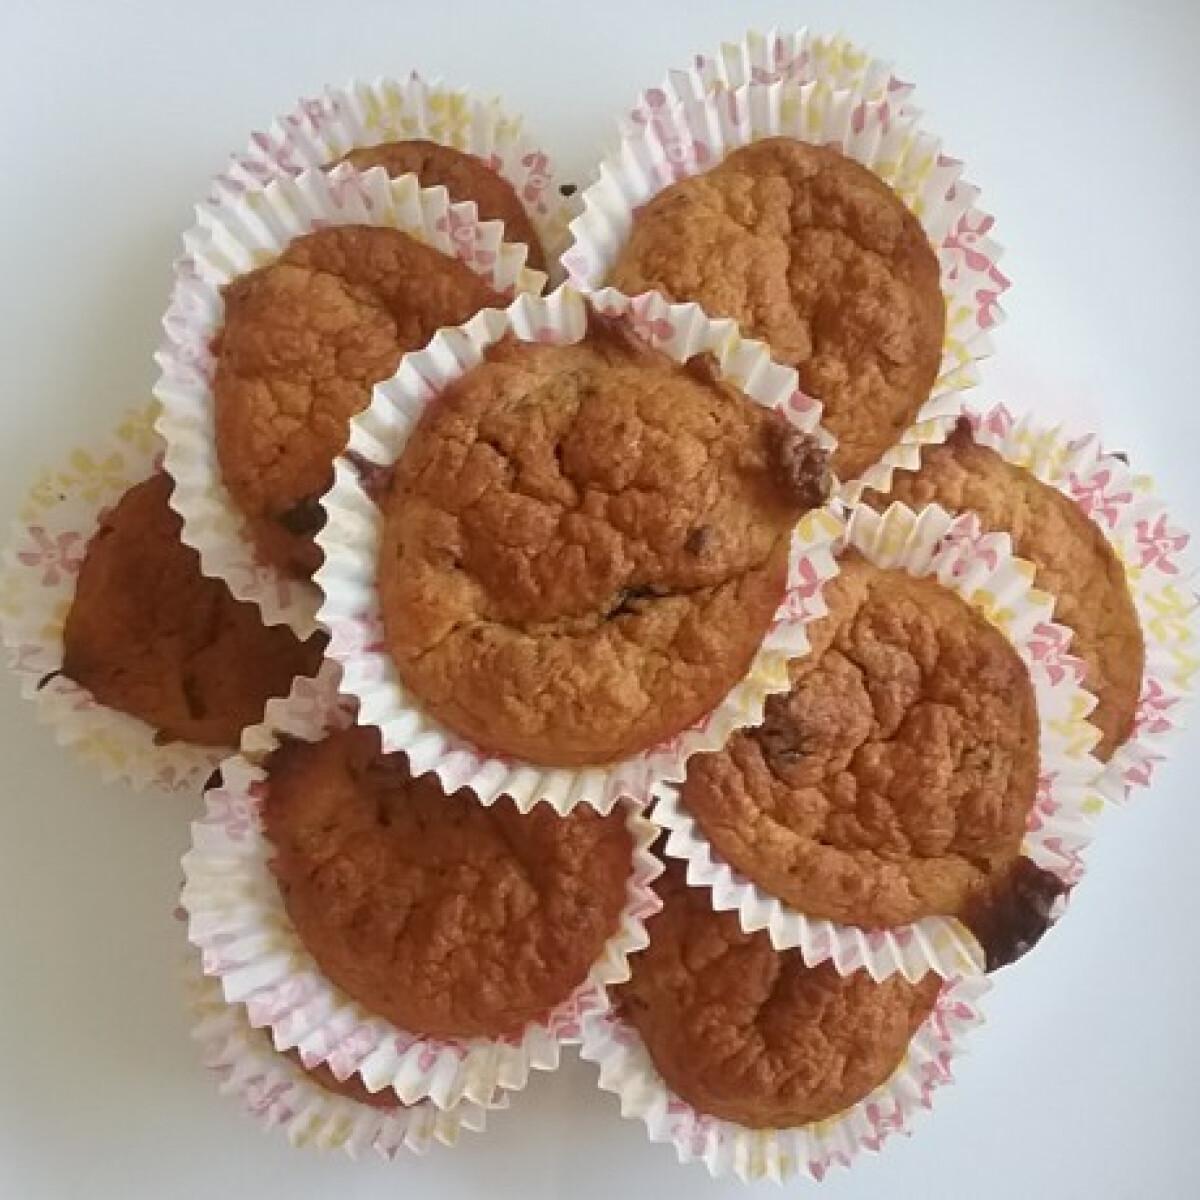 Ezen a képen: Diétás muffin banánnal és étcsokidarabokkal